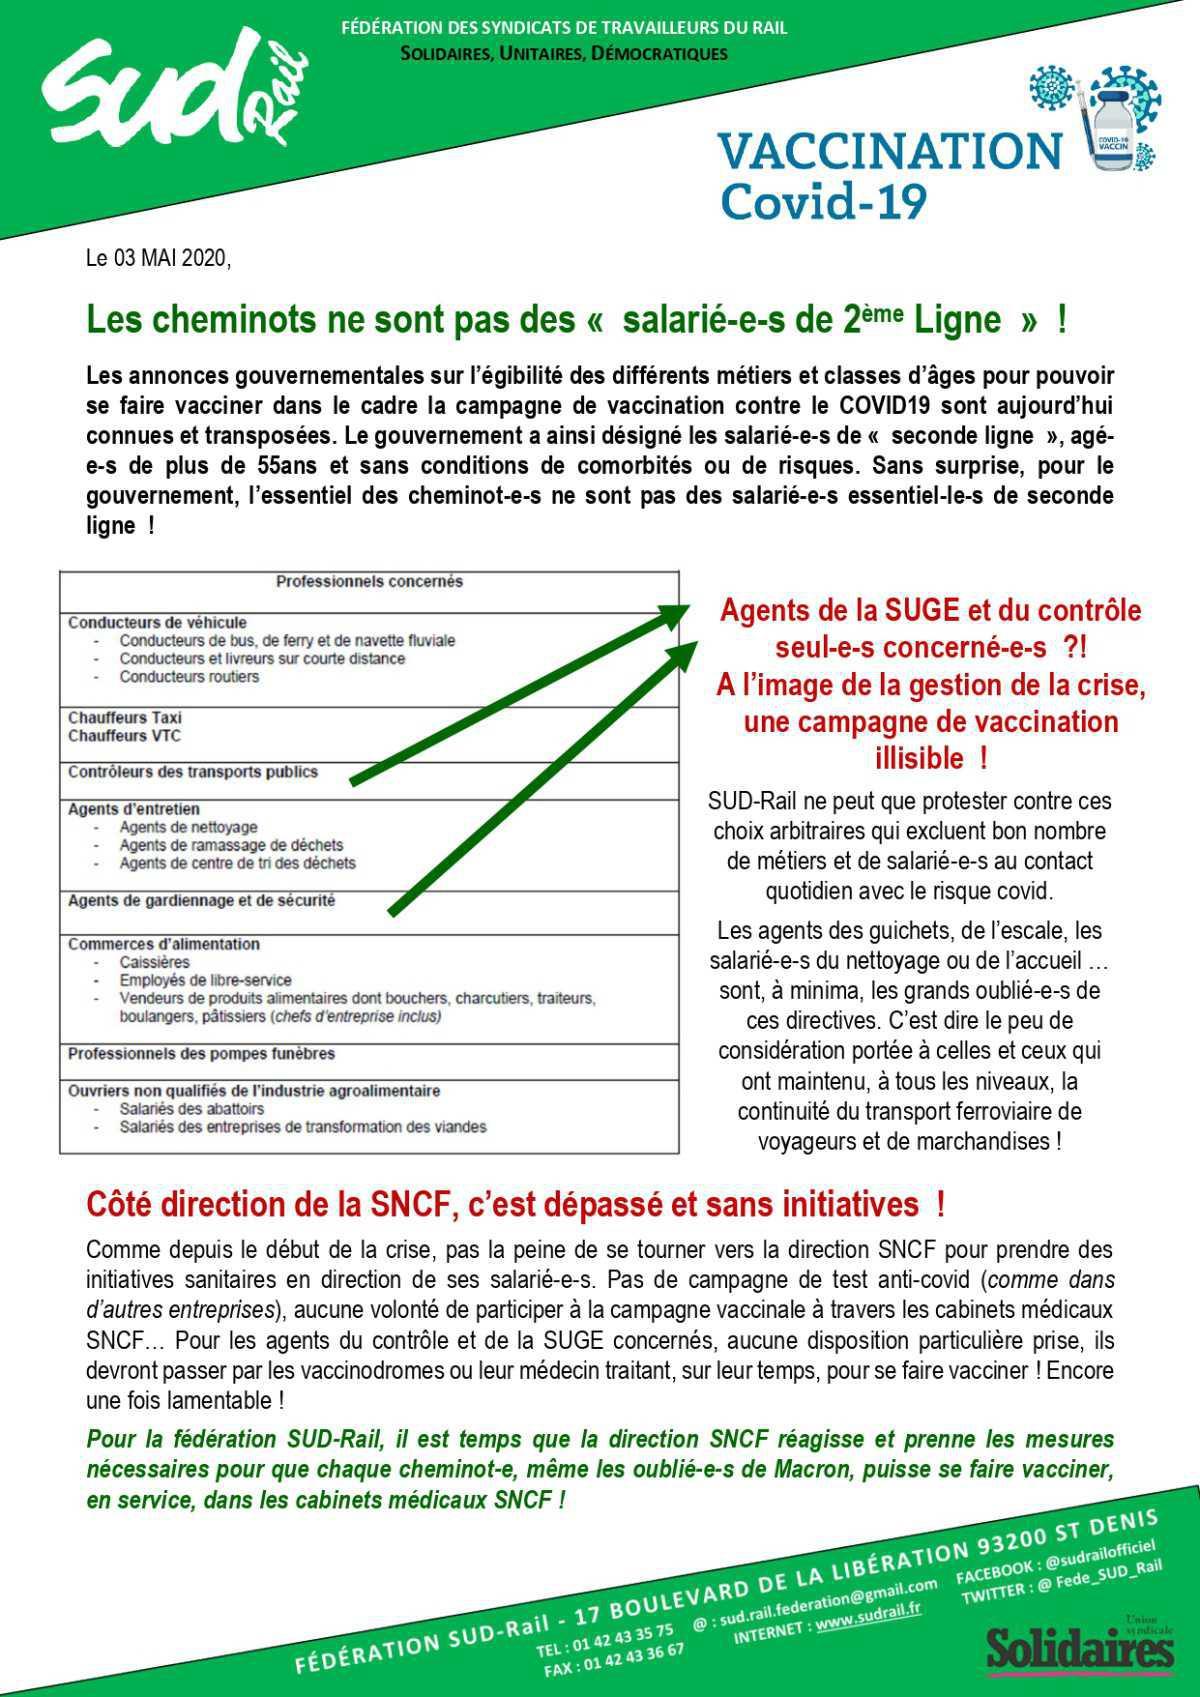 """Les cheminots ne sont pas des """" salarié-e-s de 2ème Ligne """" !"""